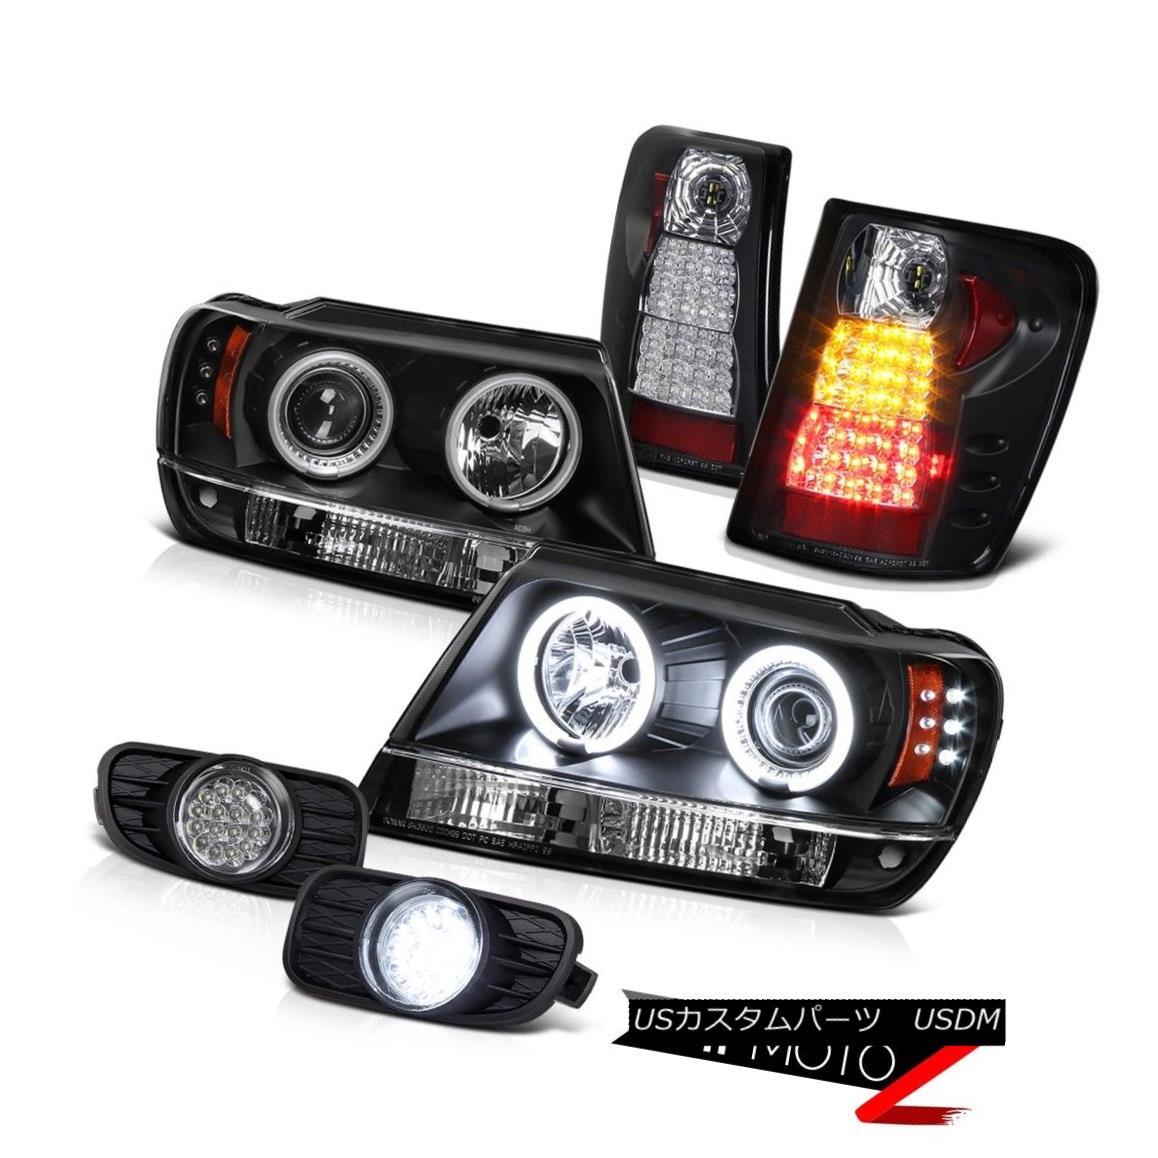 ヘッドライト {CCFL} Projector Headlight+SMD Tail Light+LED Fog Lamp 99-03 Grand Cherokee V8 {CCFL}プロジェクターヘッドライト+ SMDテールライト+ LEDフォグランプ99-03 Grand Cherokee V8